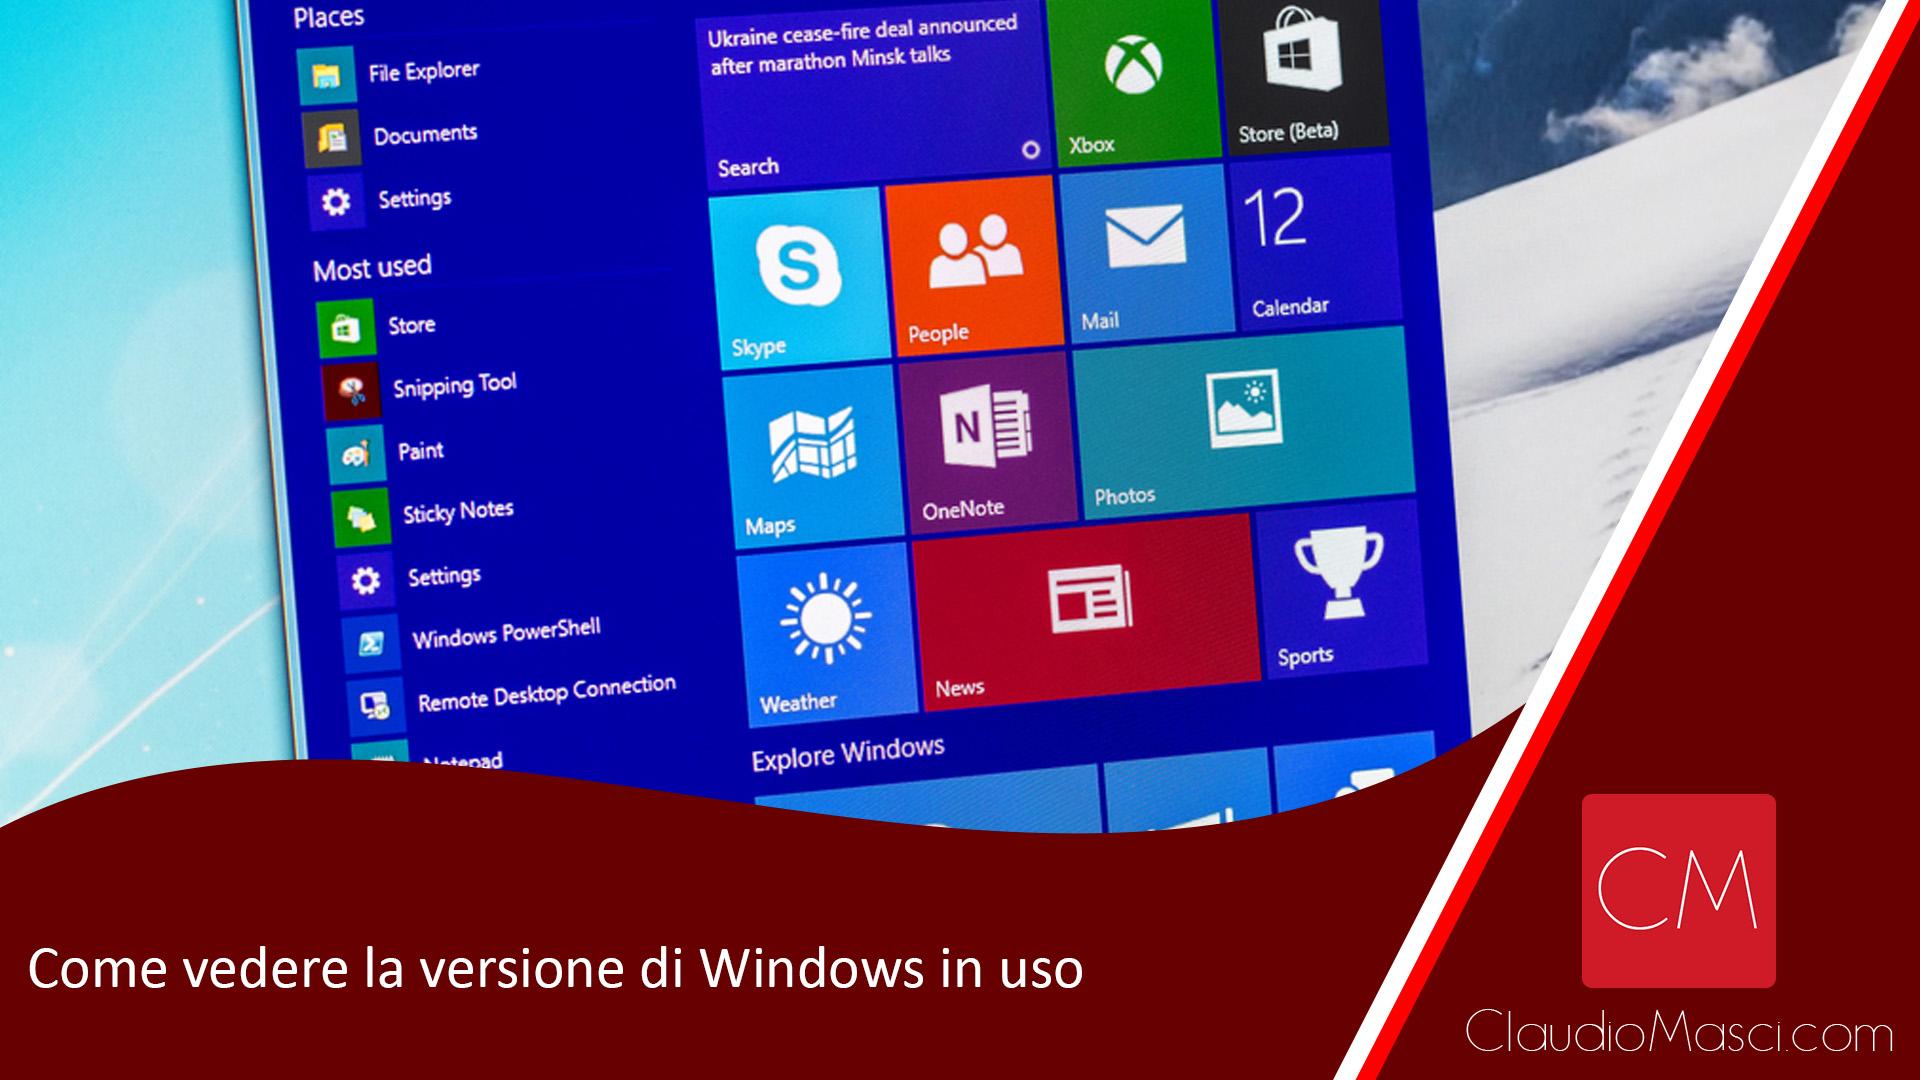 Come vedere la versione di Windows in uso